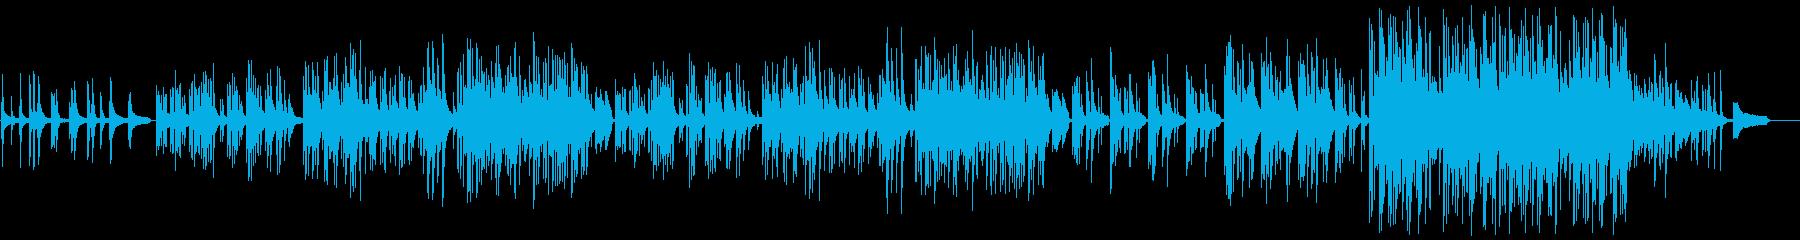 叙情的な和風のピアノソロの再生済みの波形